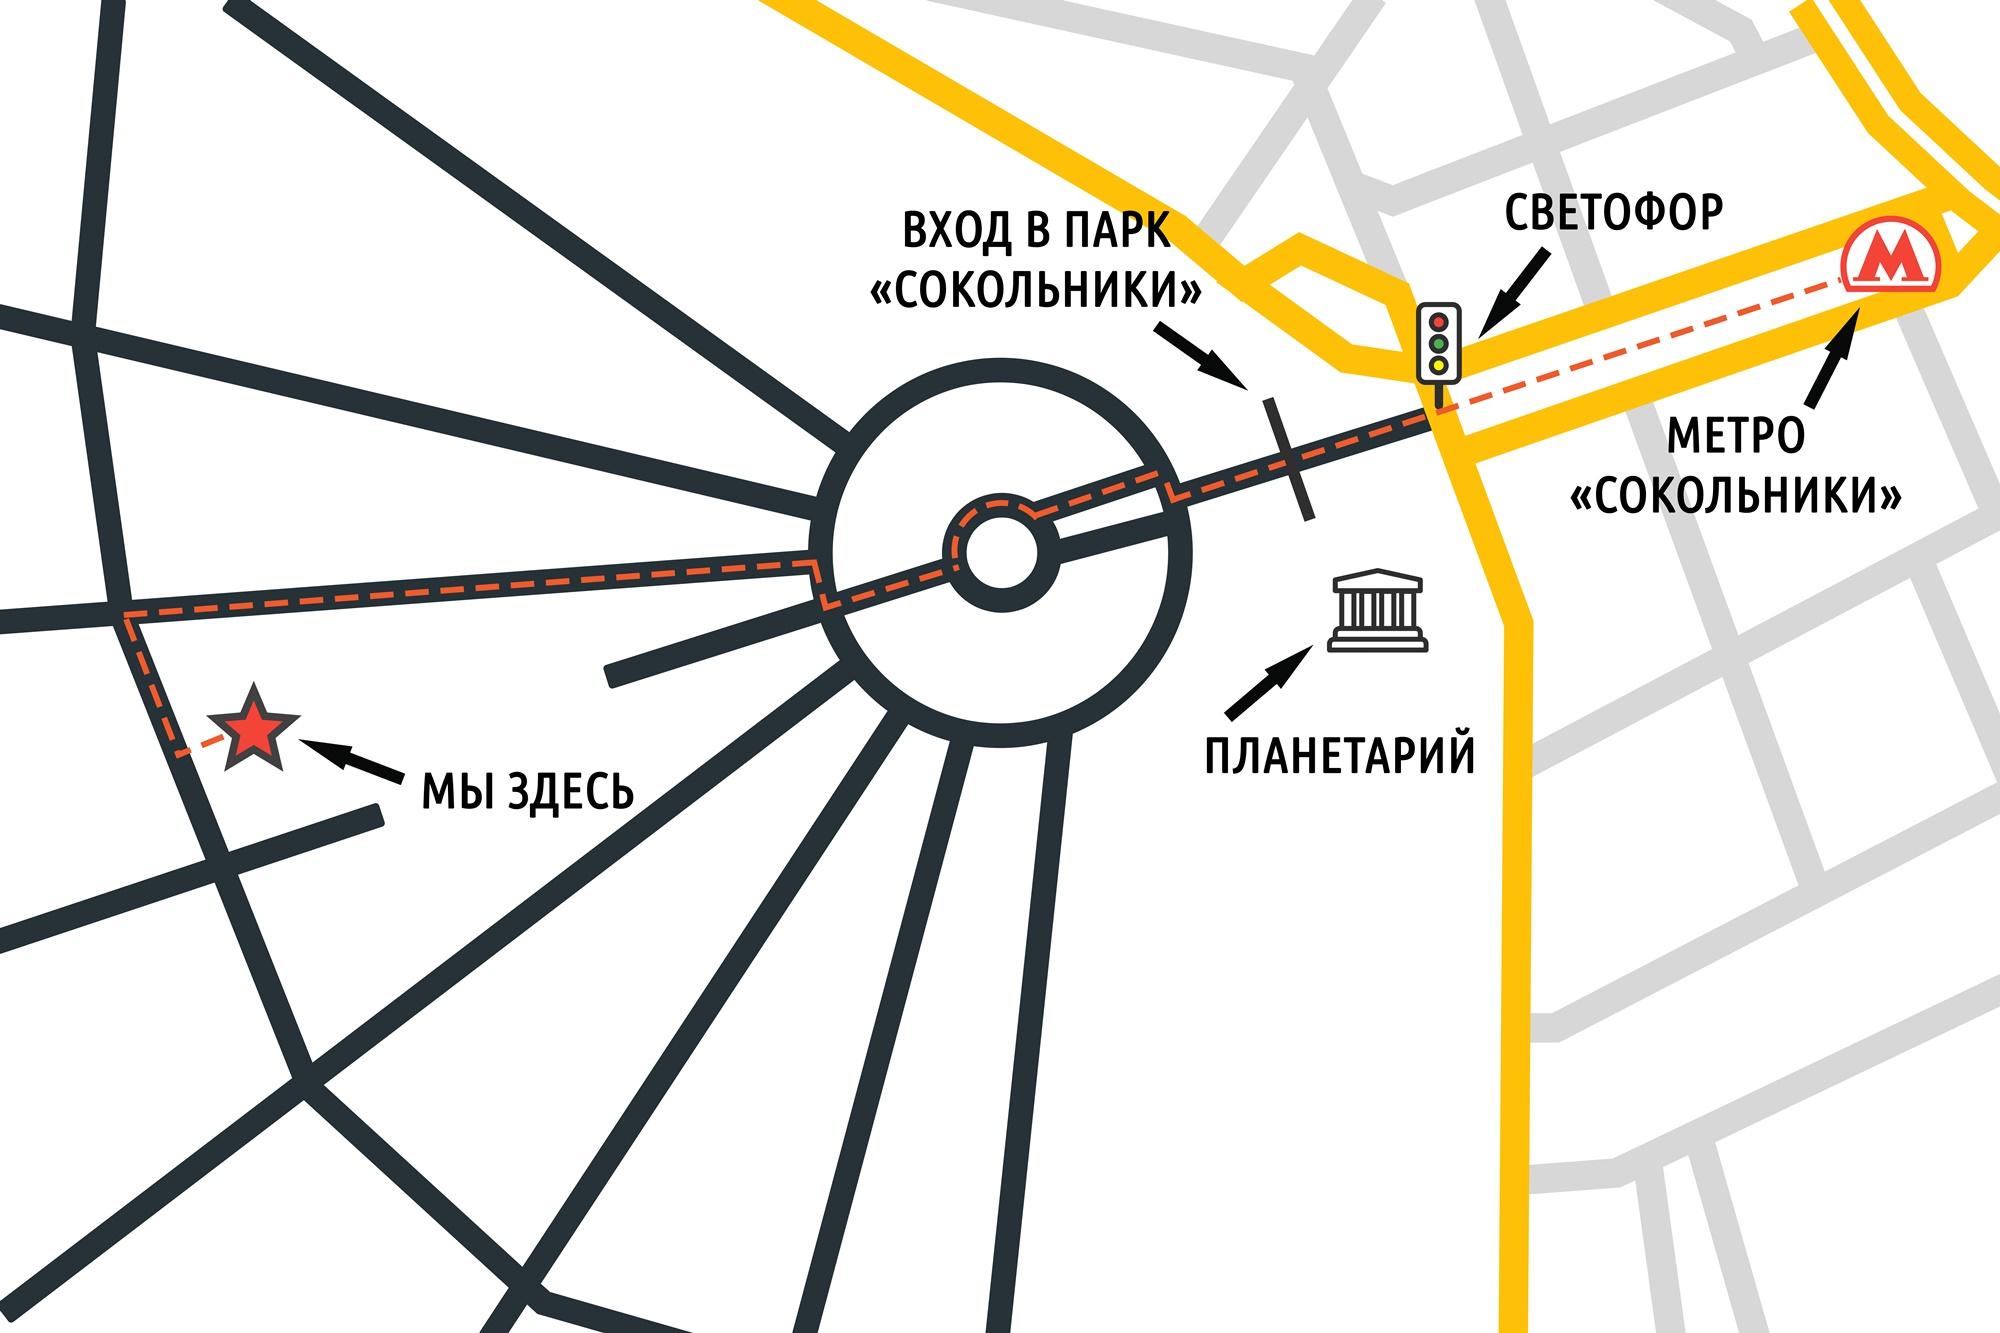 Проезд городским транспортом в квц сокольники